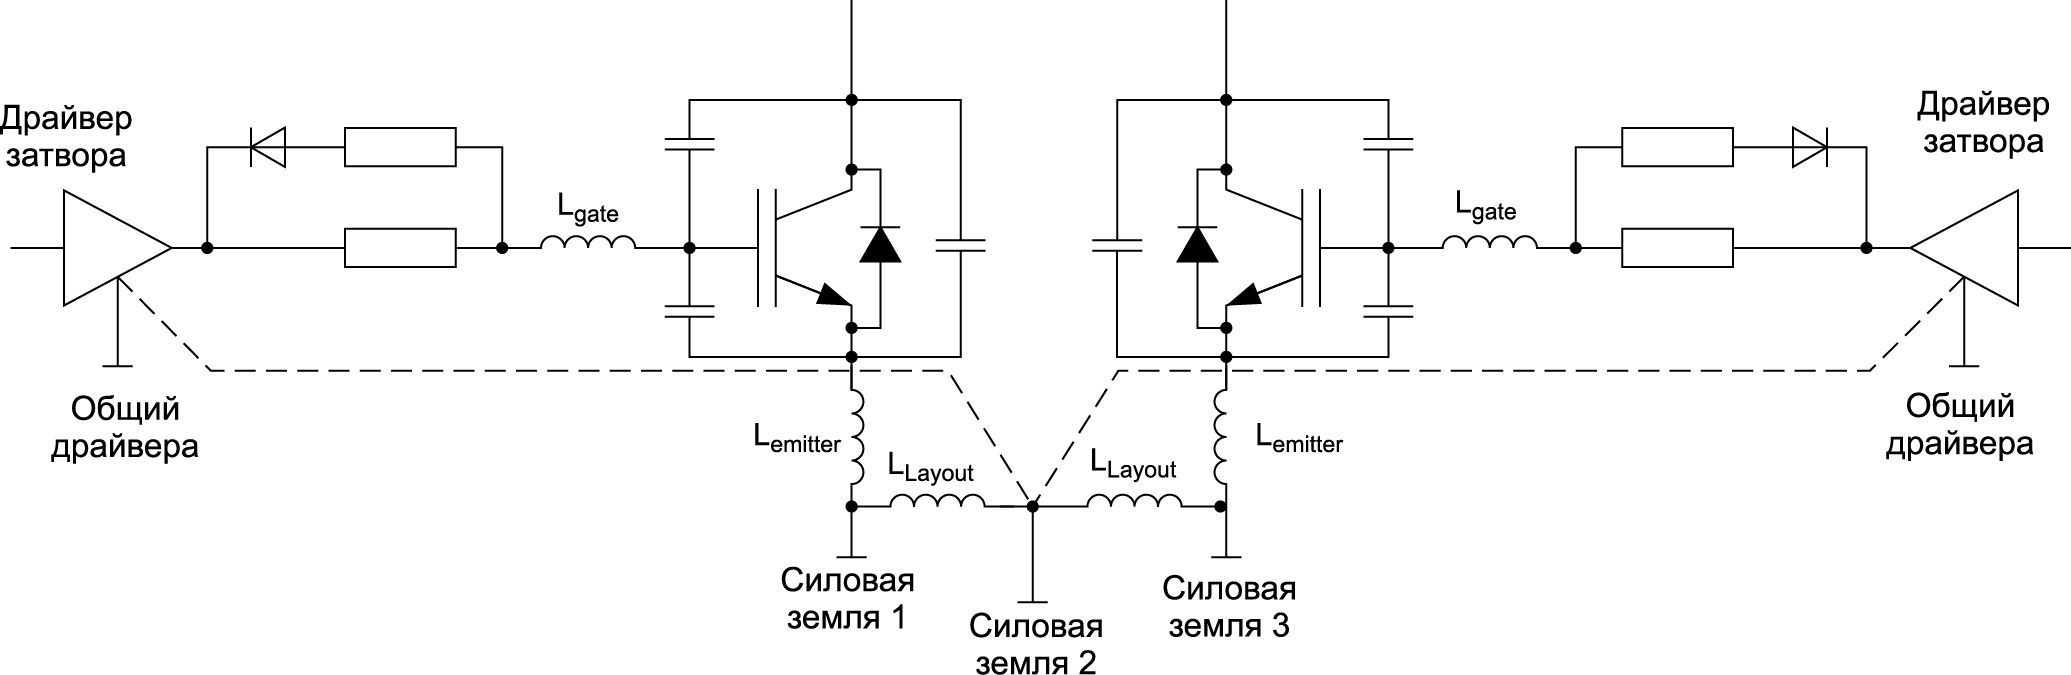 Транзисторы нижнего плеча, имеющие общие «земли»